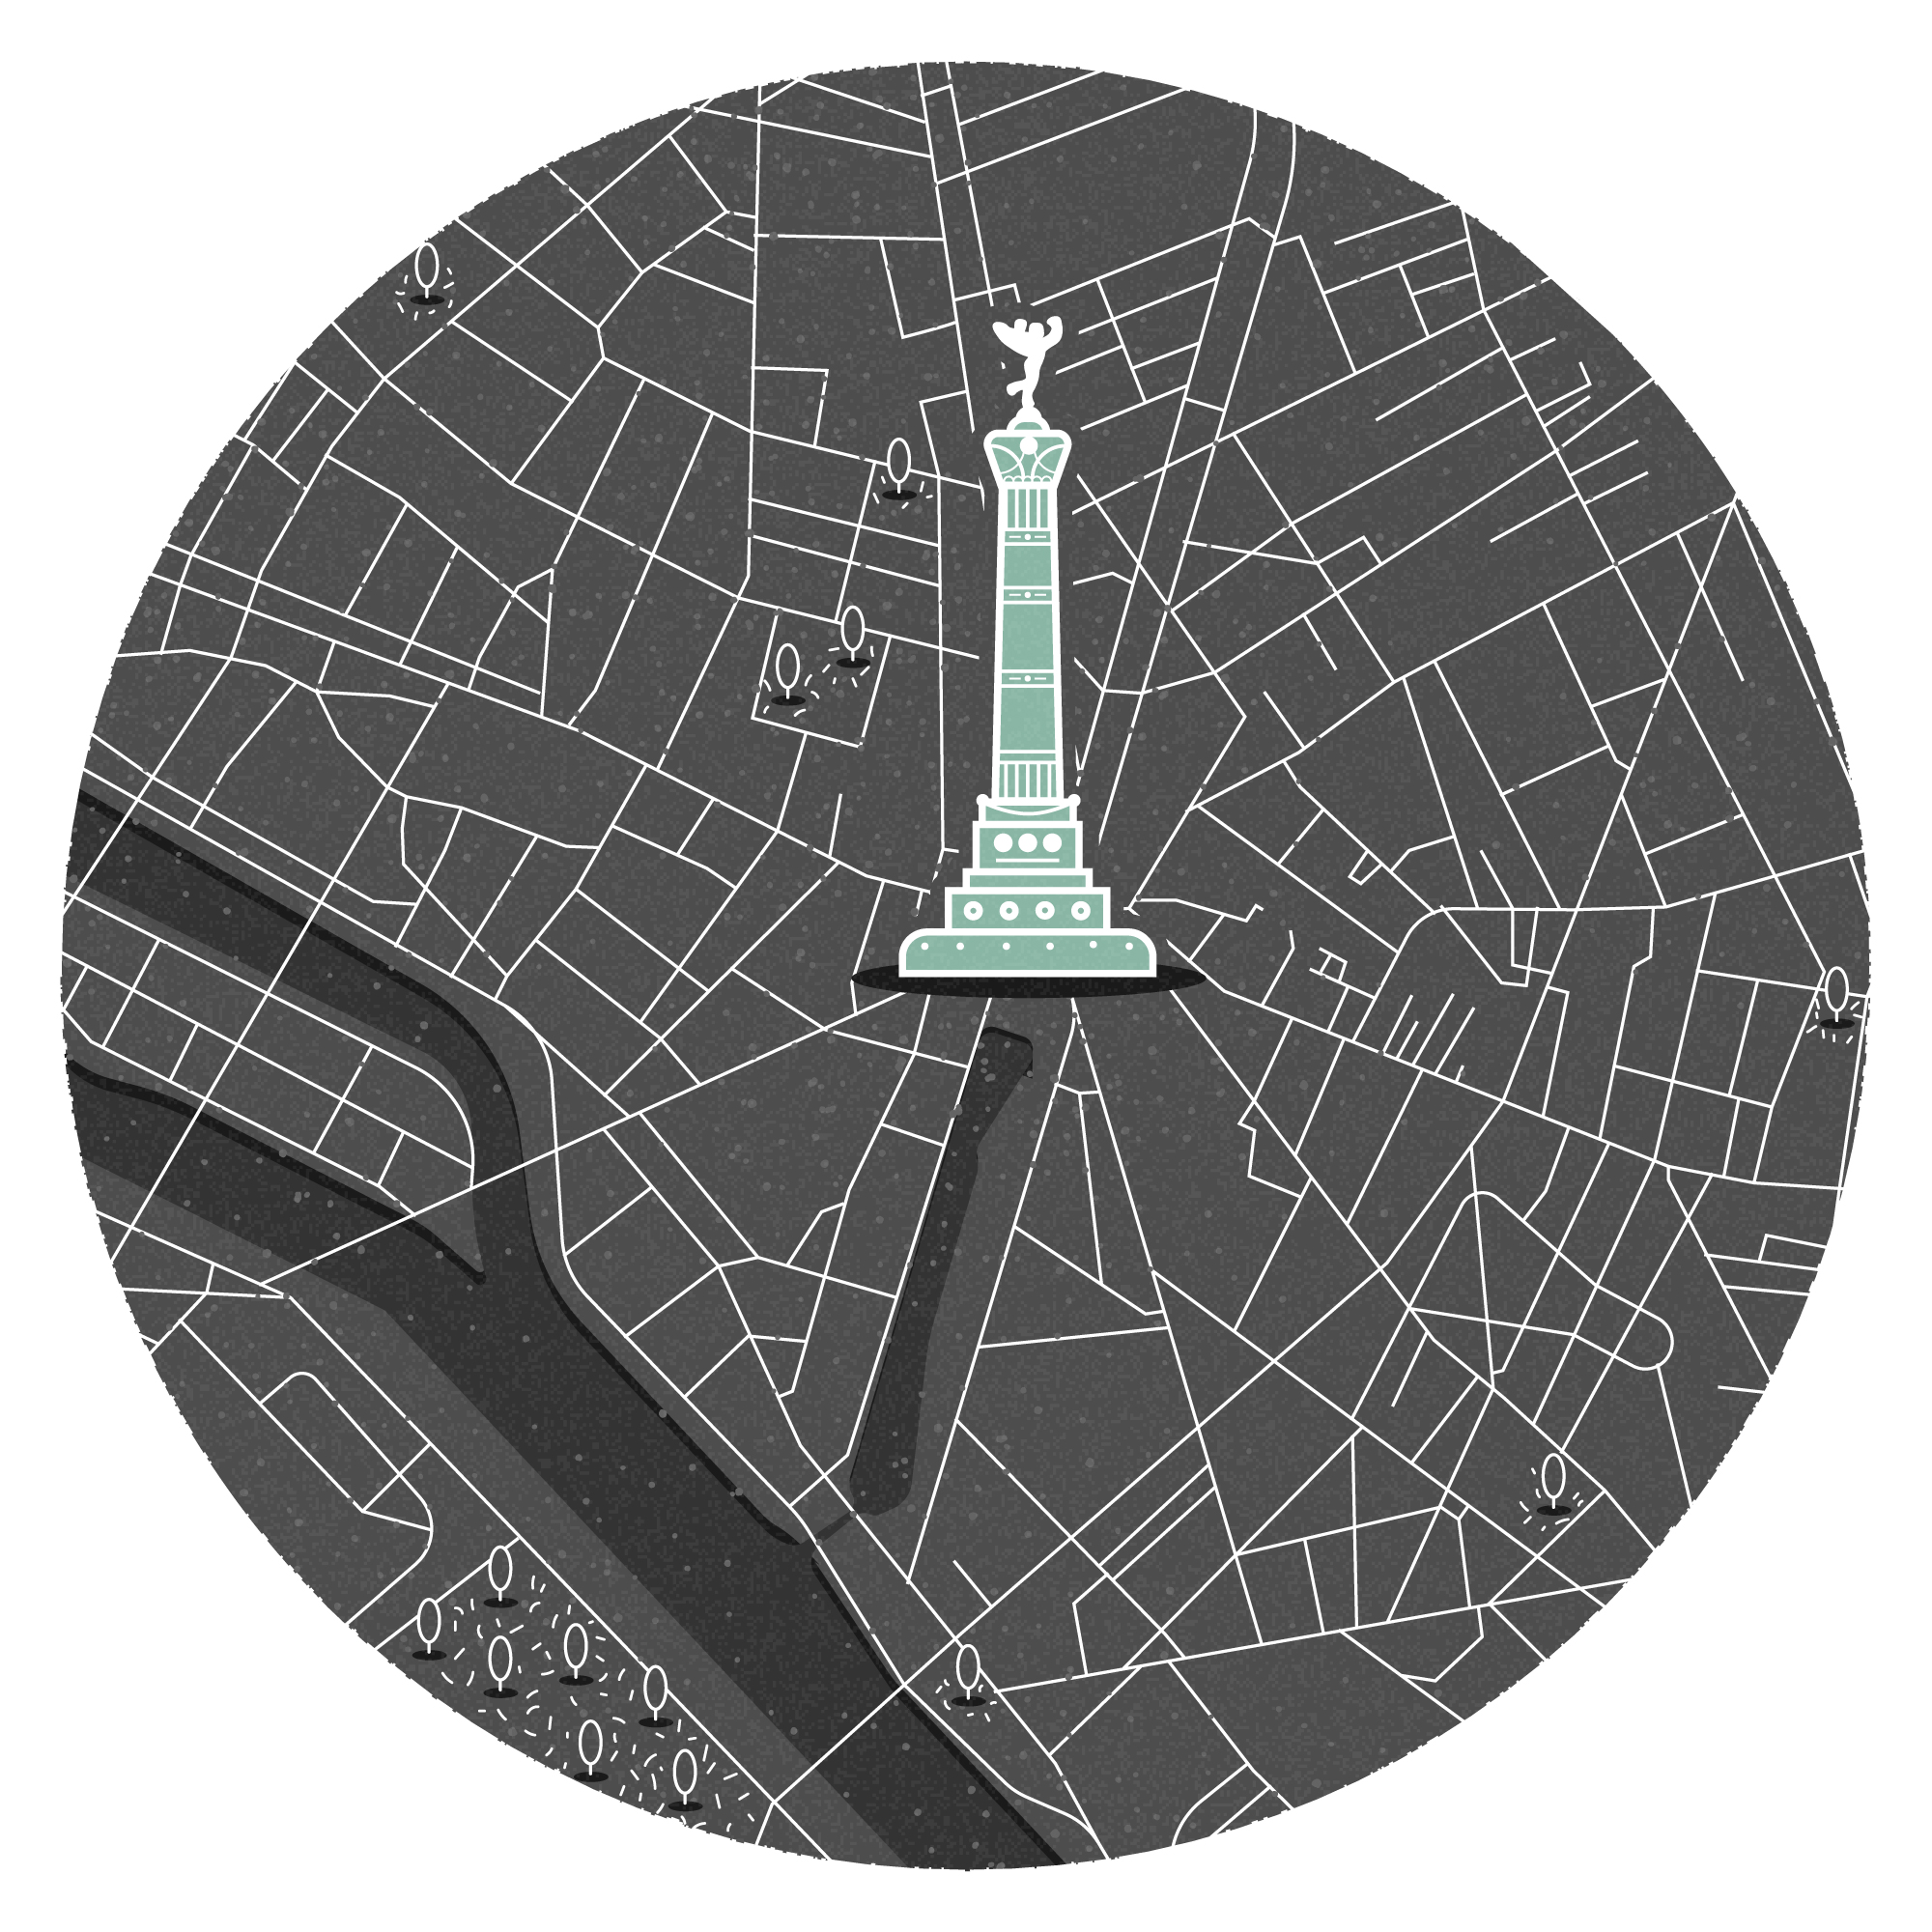 Mini map of Paris